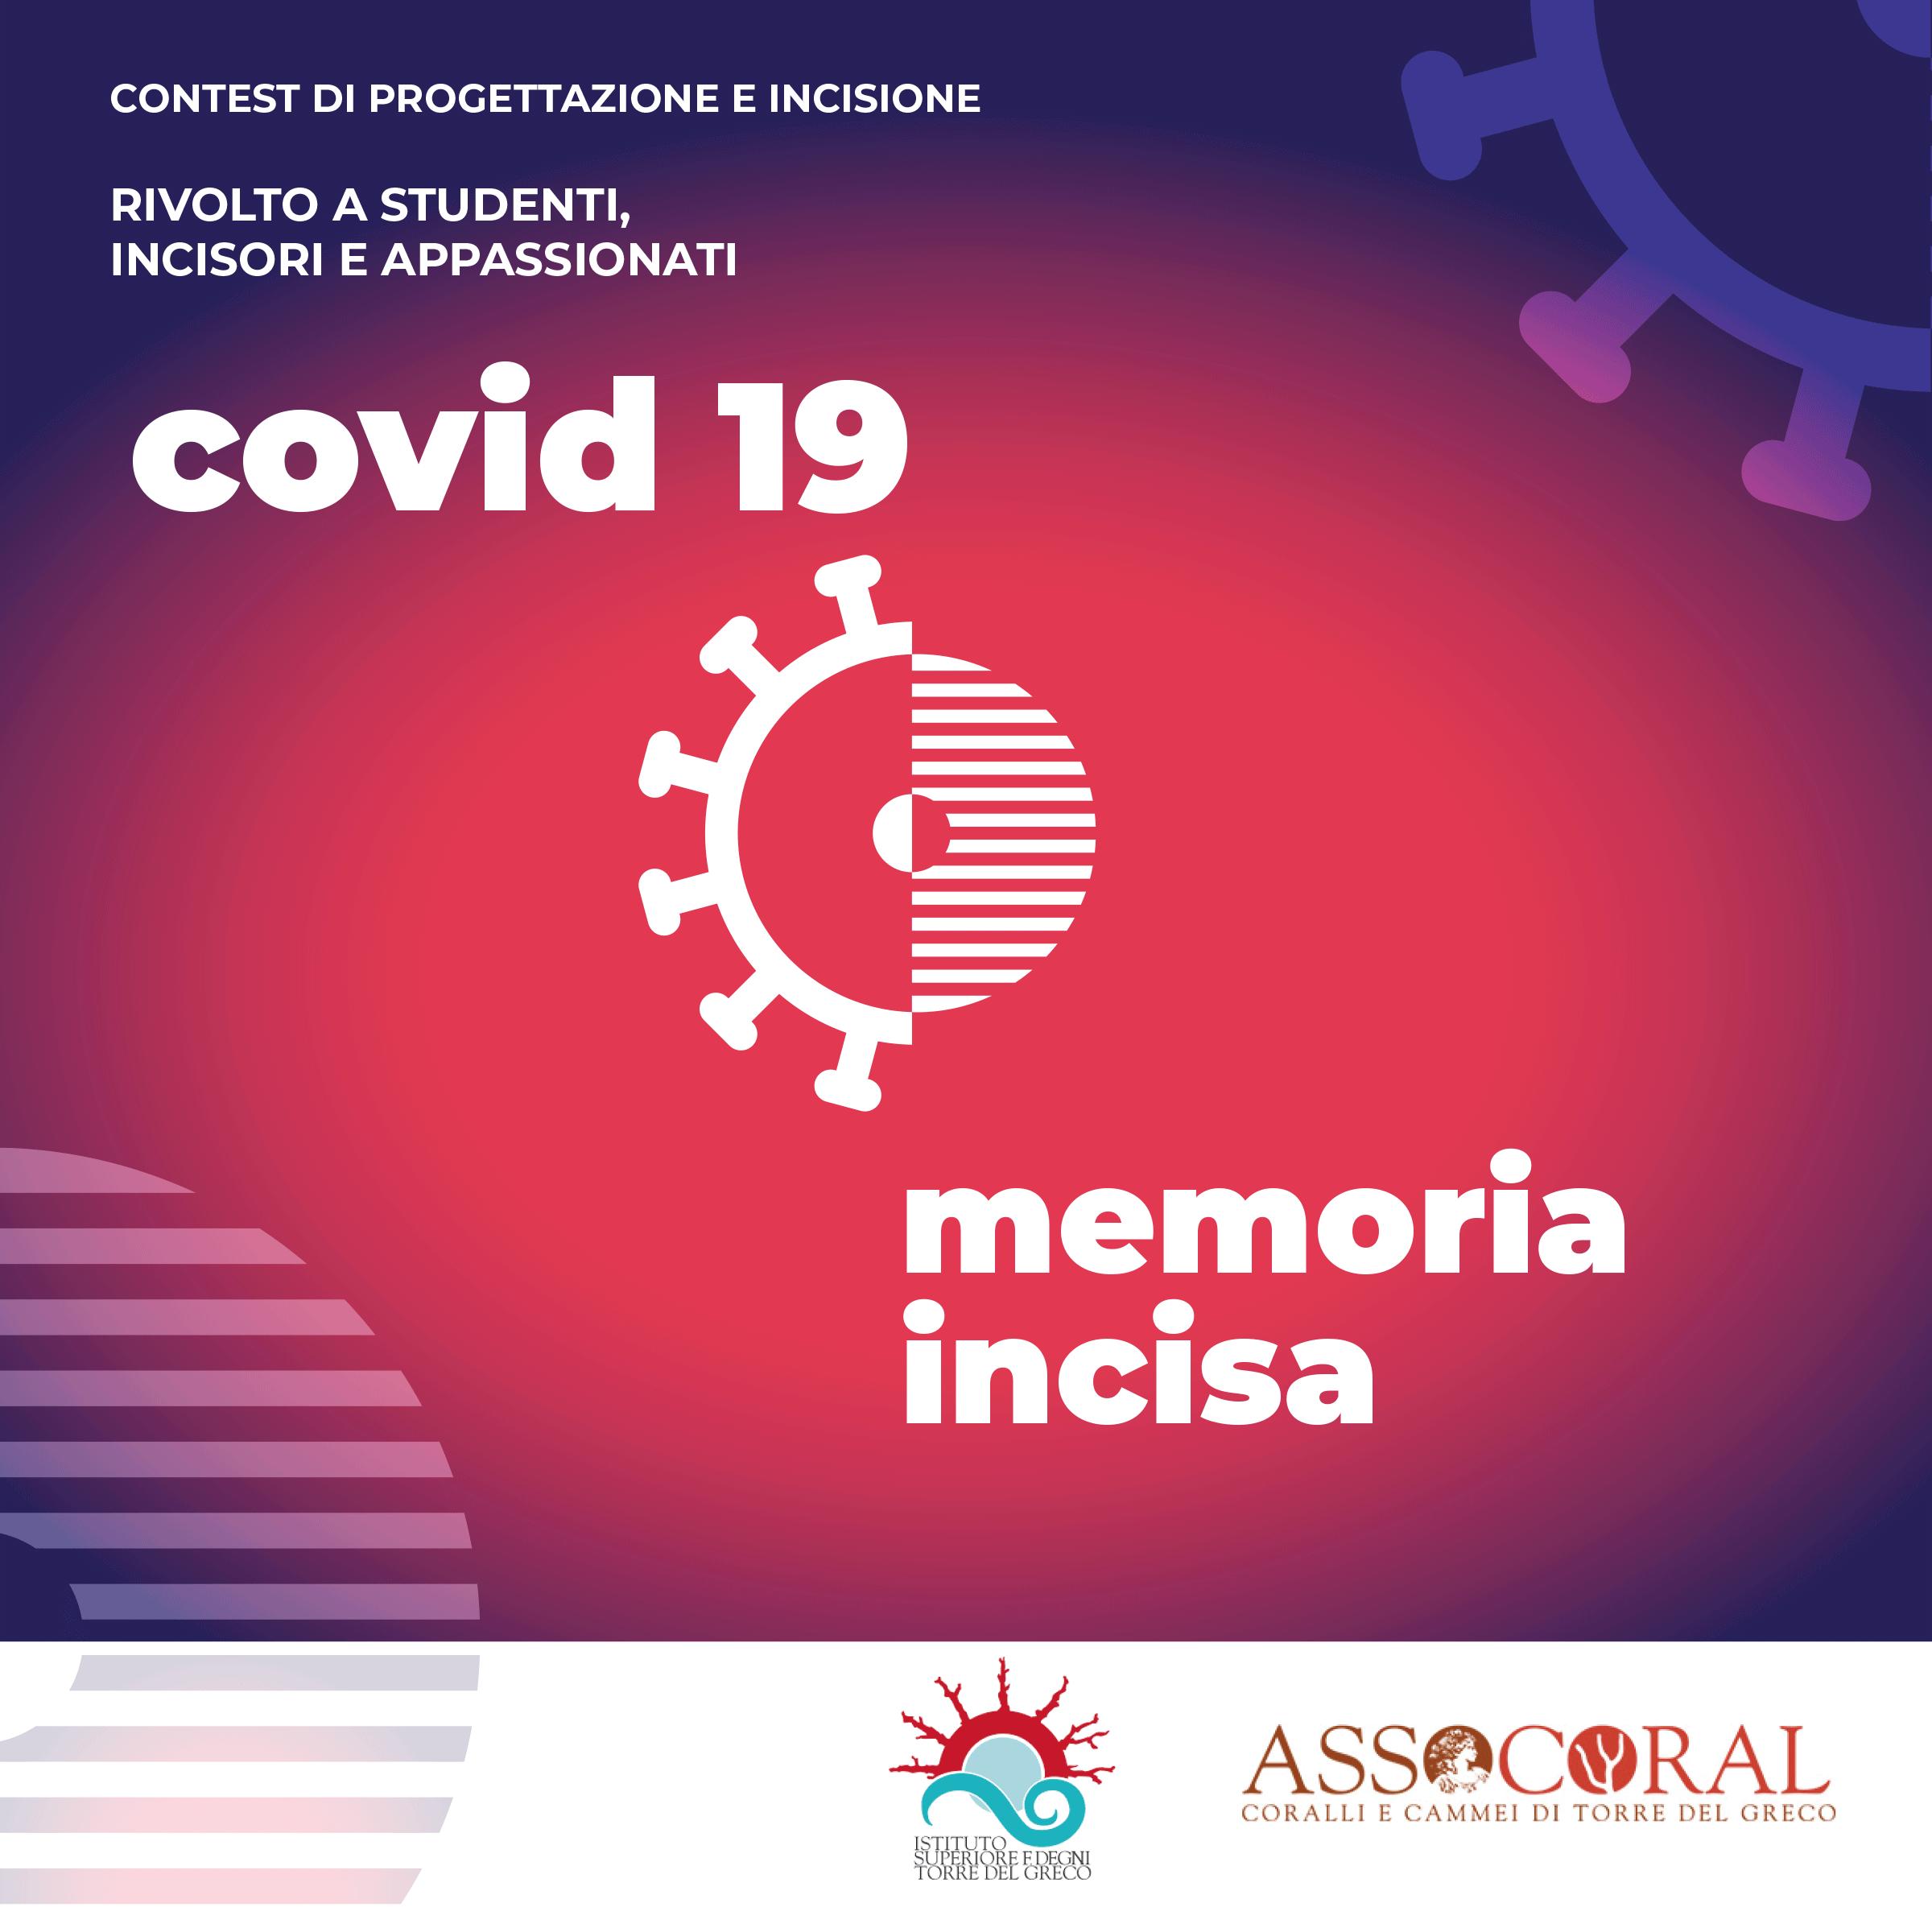 Covid-19: la memoria incisa